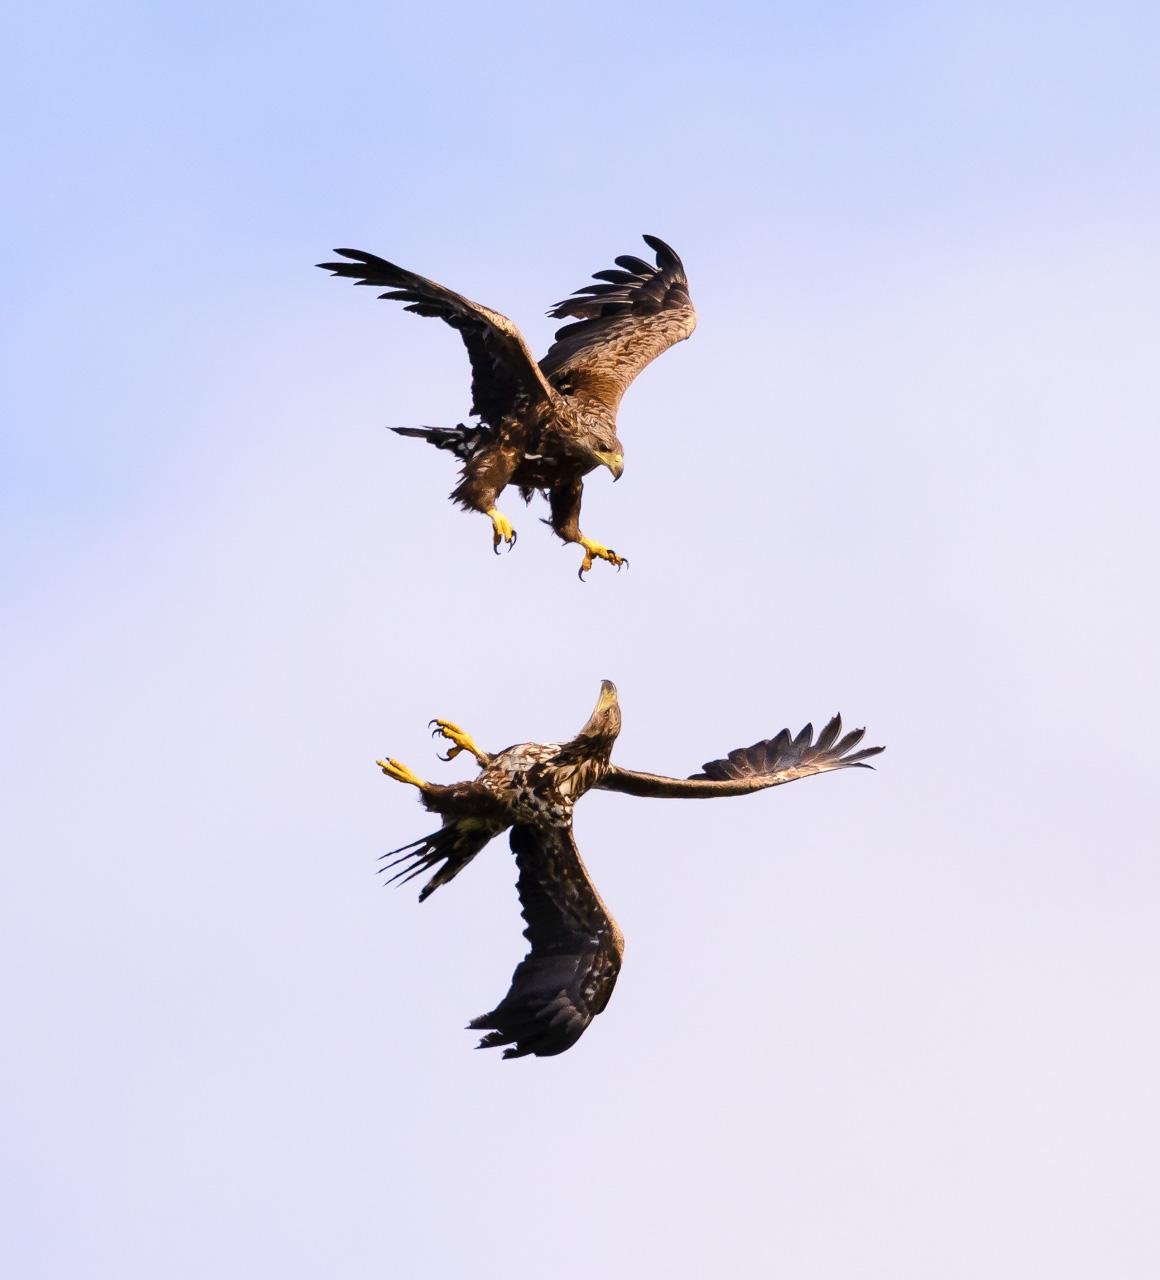 Junge Seeadler im spielerischen Luftkampf über der norwegischen Insel Runde